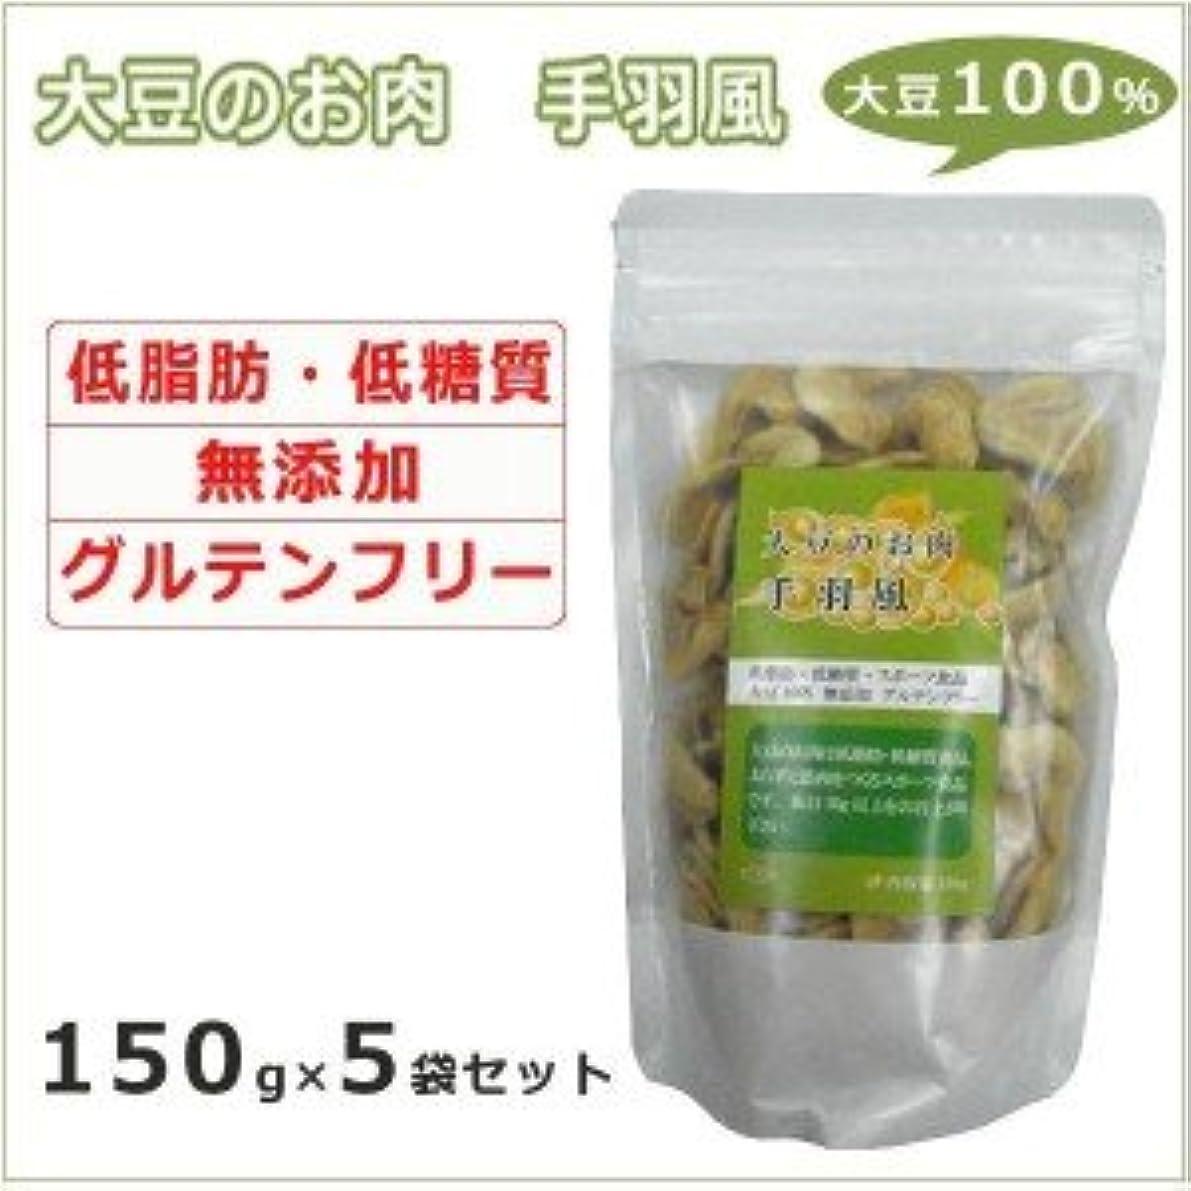 メロドラマラック子供っぽい大豆のお肉 ソイミート 手羽風 150g×5袋